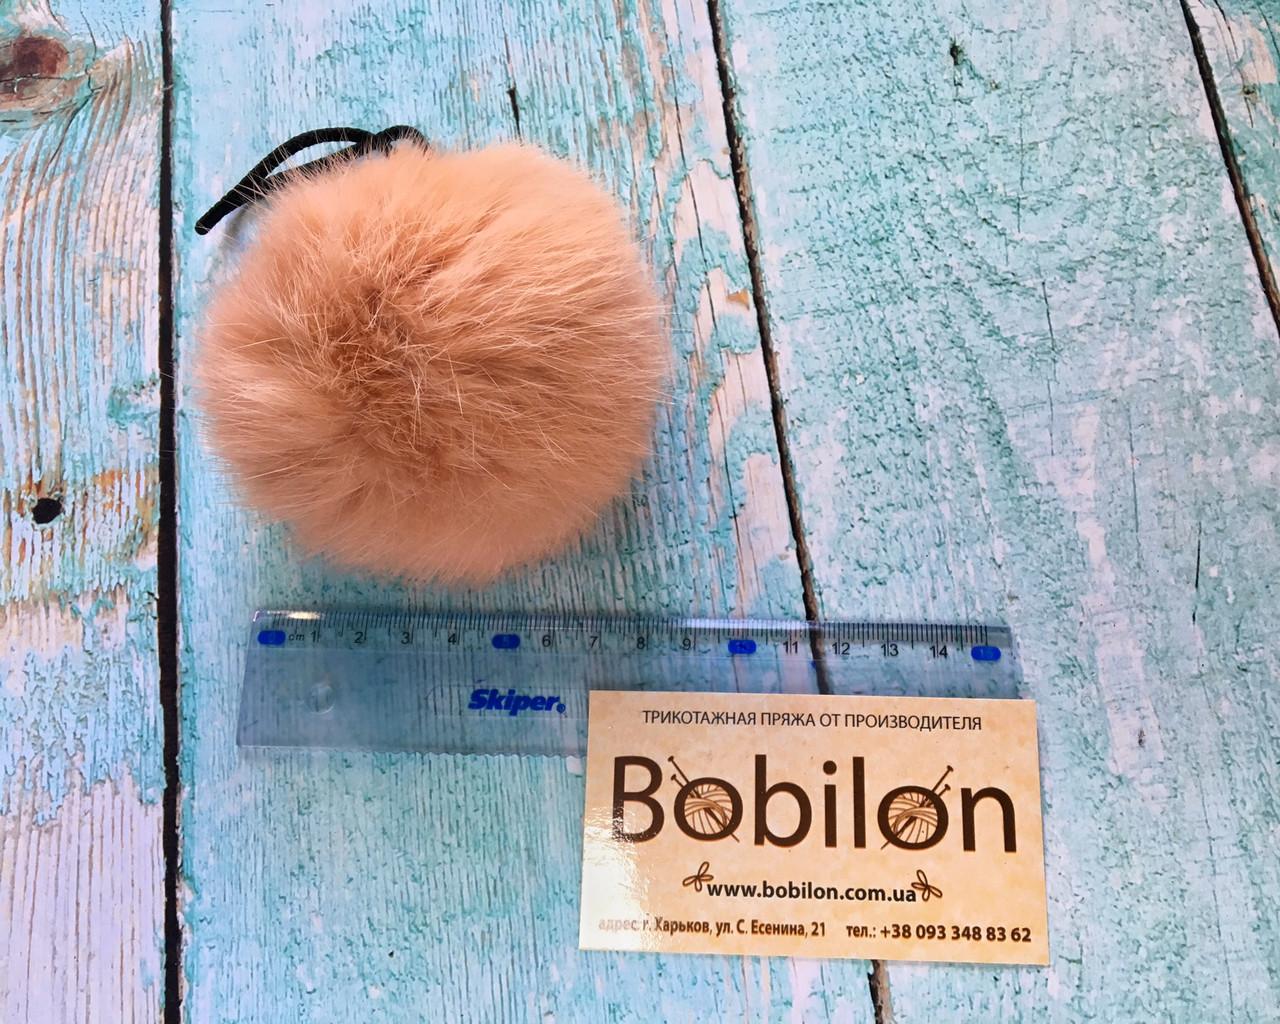 Меховые помпоны из меха кролика, цвет персик